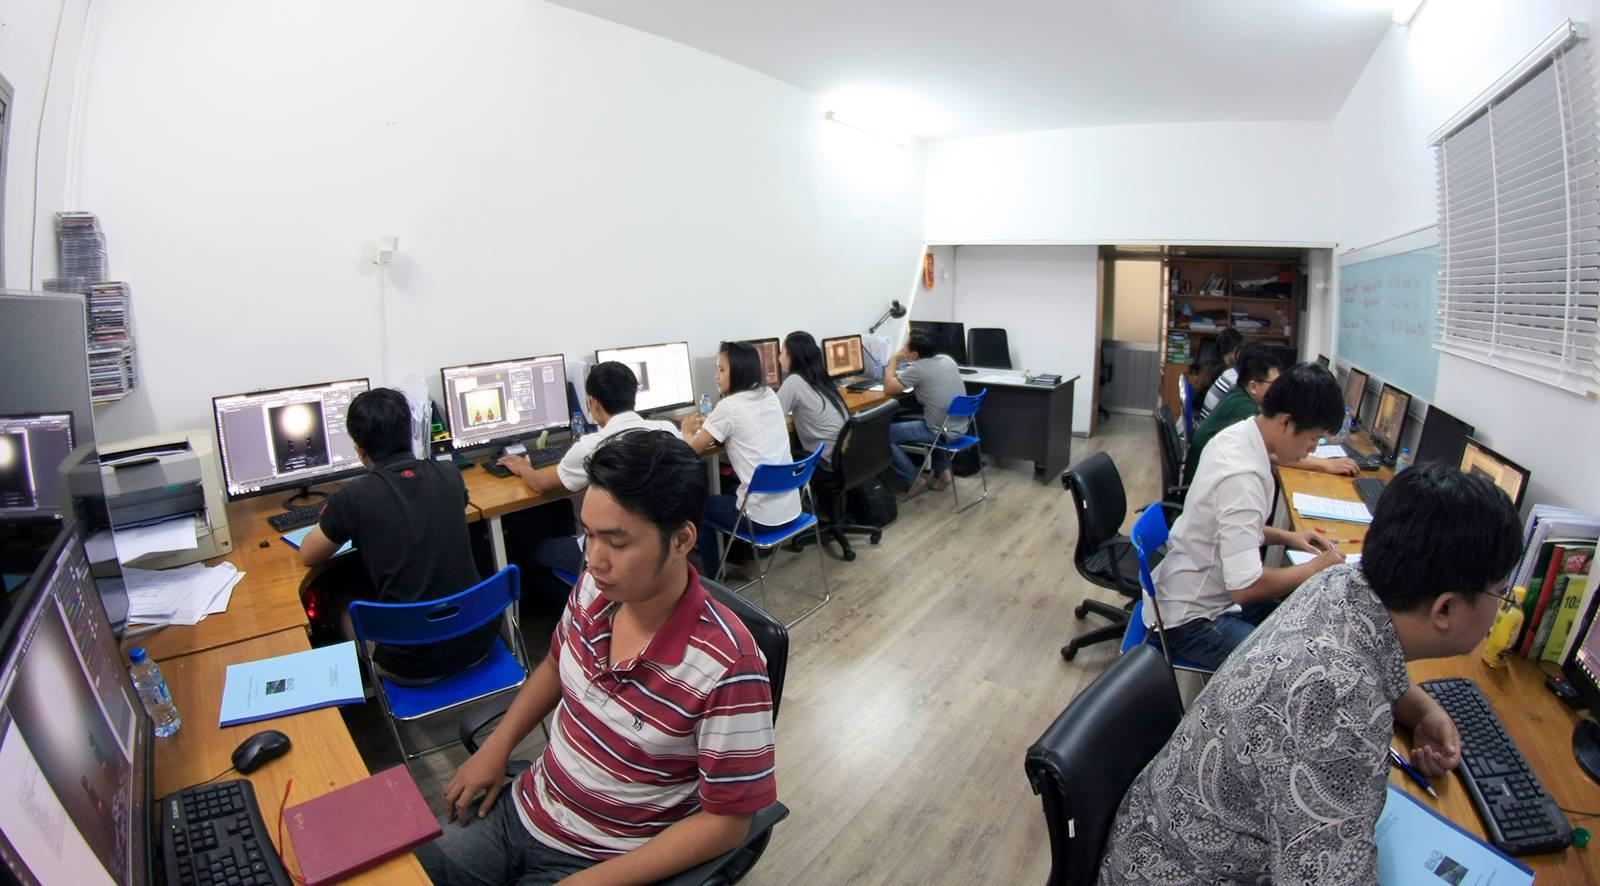 LỊCH KHAI GIẢNG  LỚP 3D MAX. V-RAY. THÁNG 6 – 2015 TẠI EKE CENTER